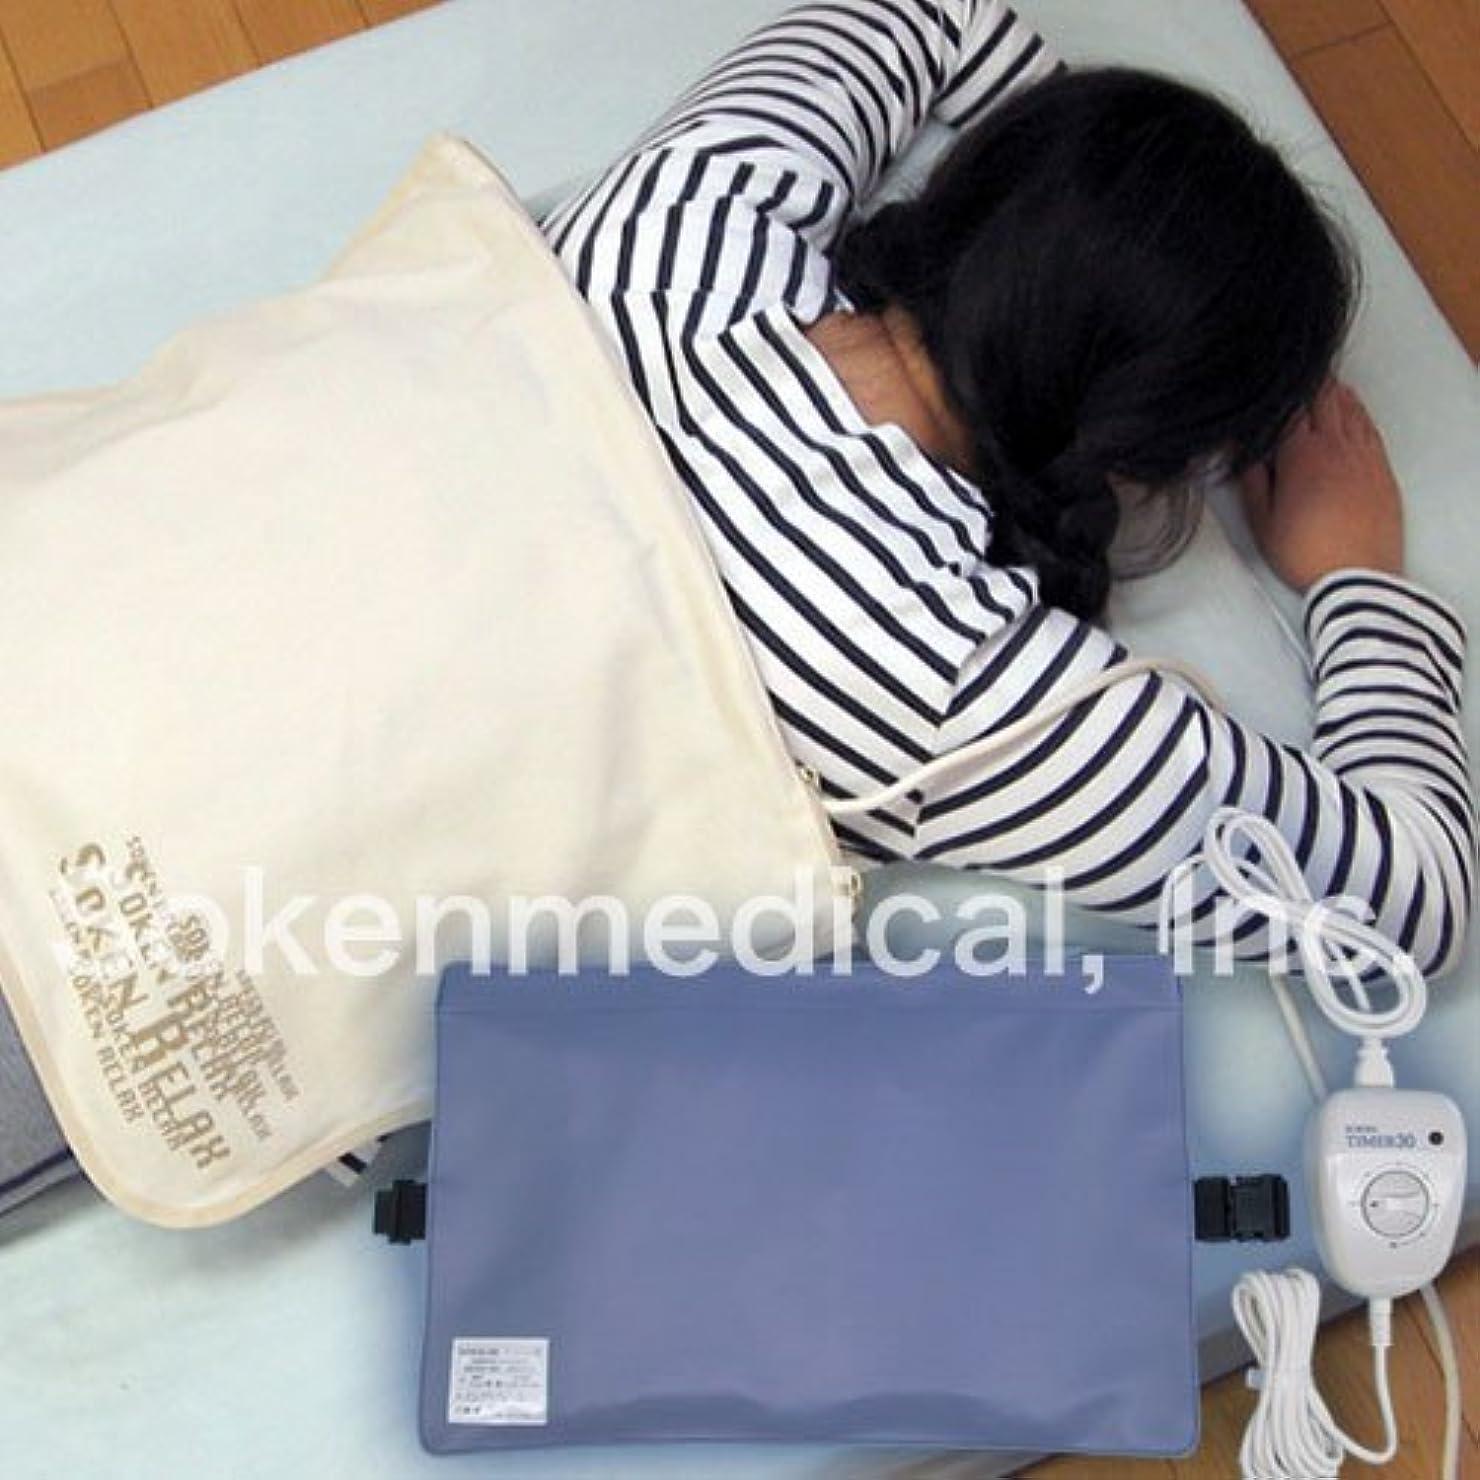 オリエンテーション期間破滅電気磁気治療器「ソーケンリラックス」60Hz 血流を良くしてコリをほぐす効果抜群!